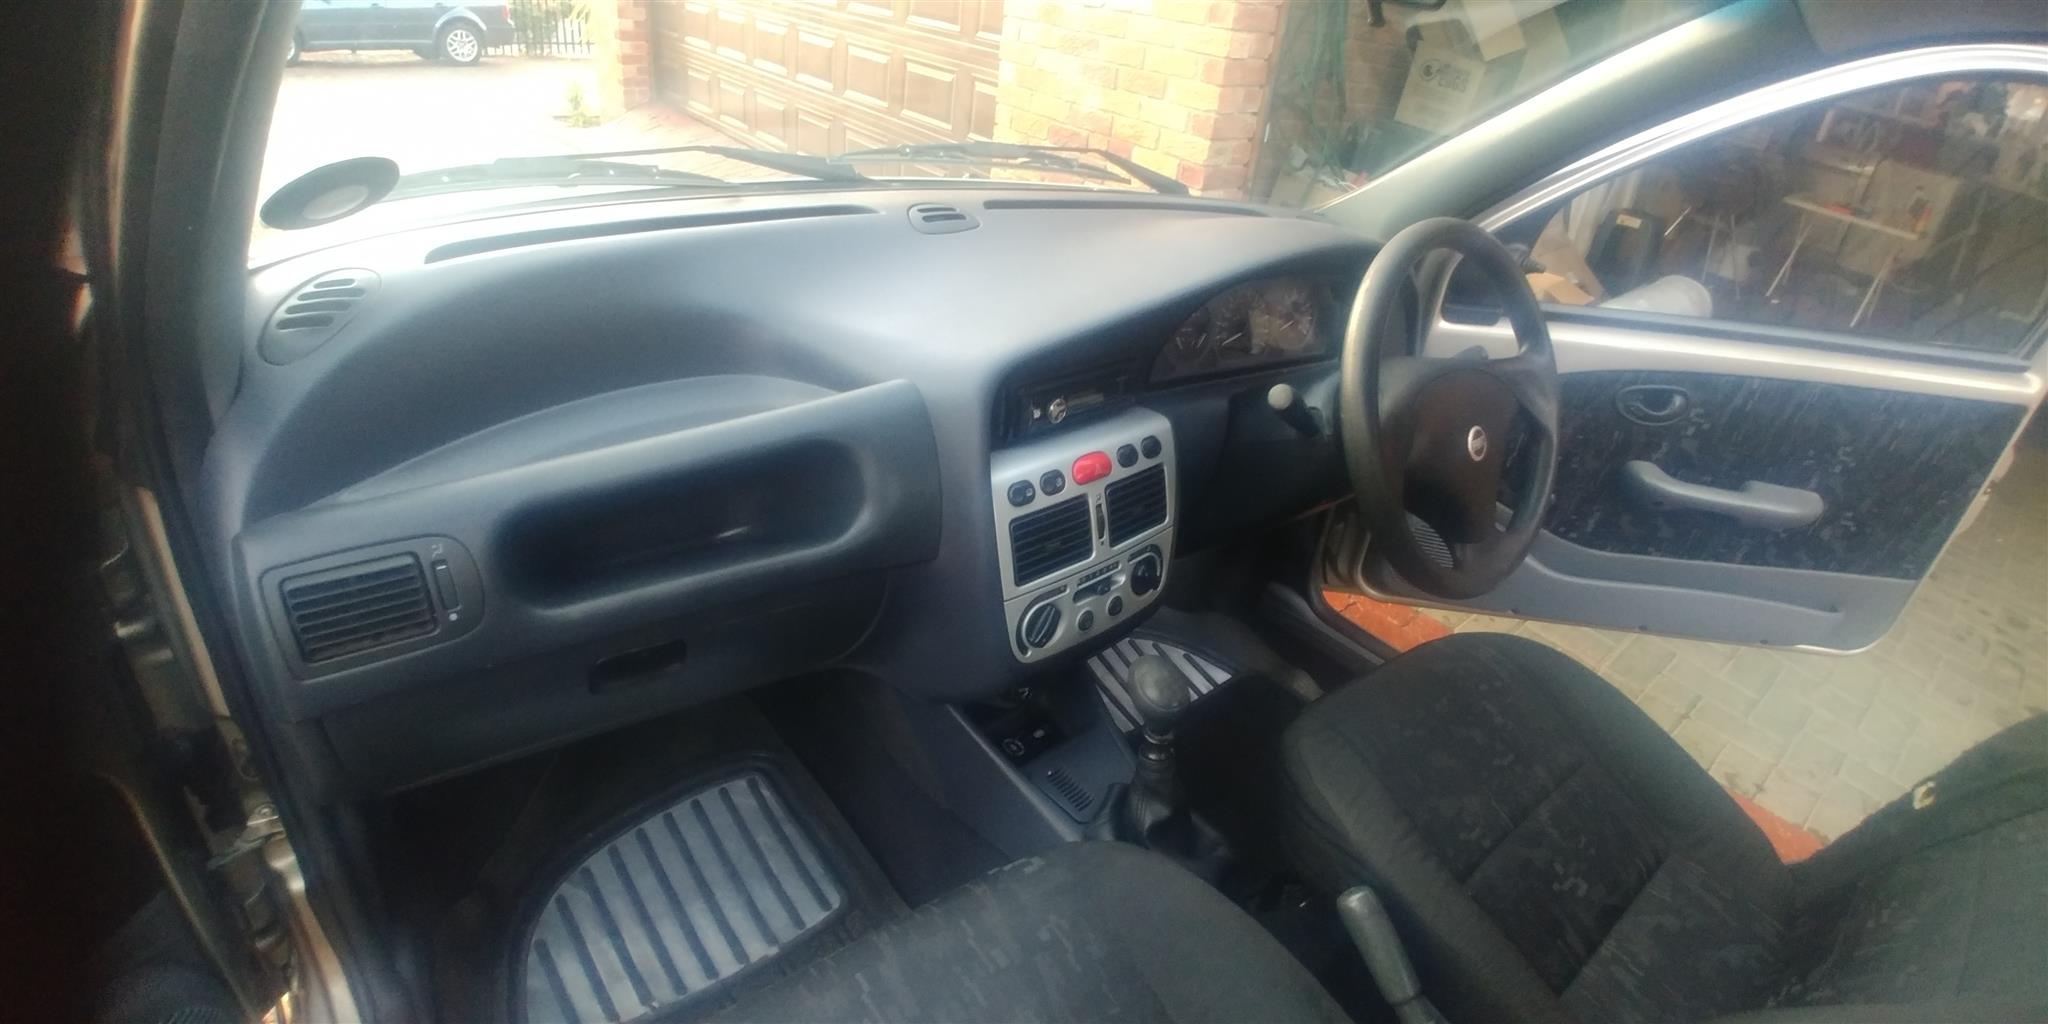 2006 Fiat Palio 1.2 EL 3 door